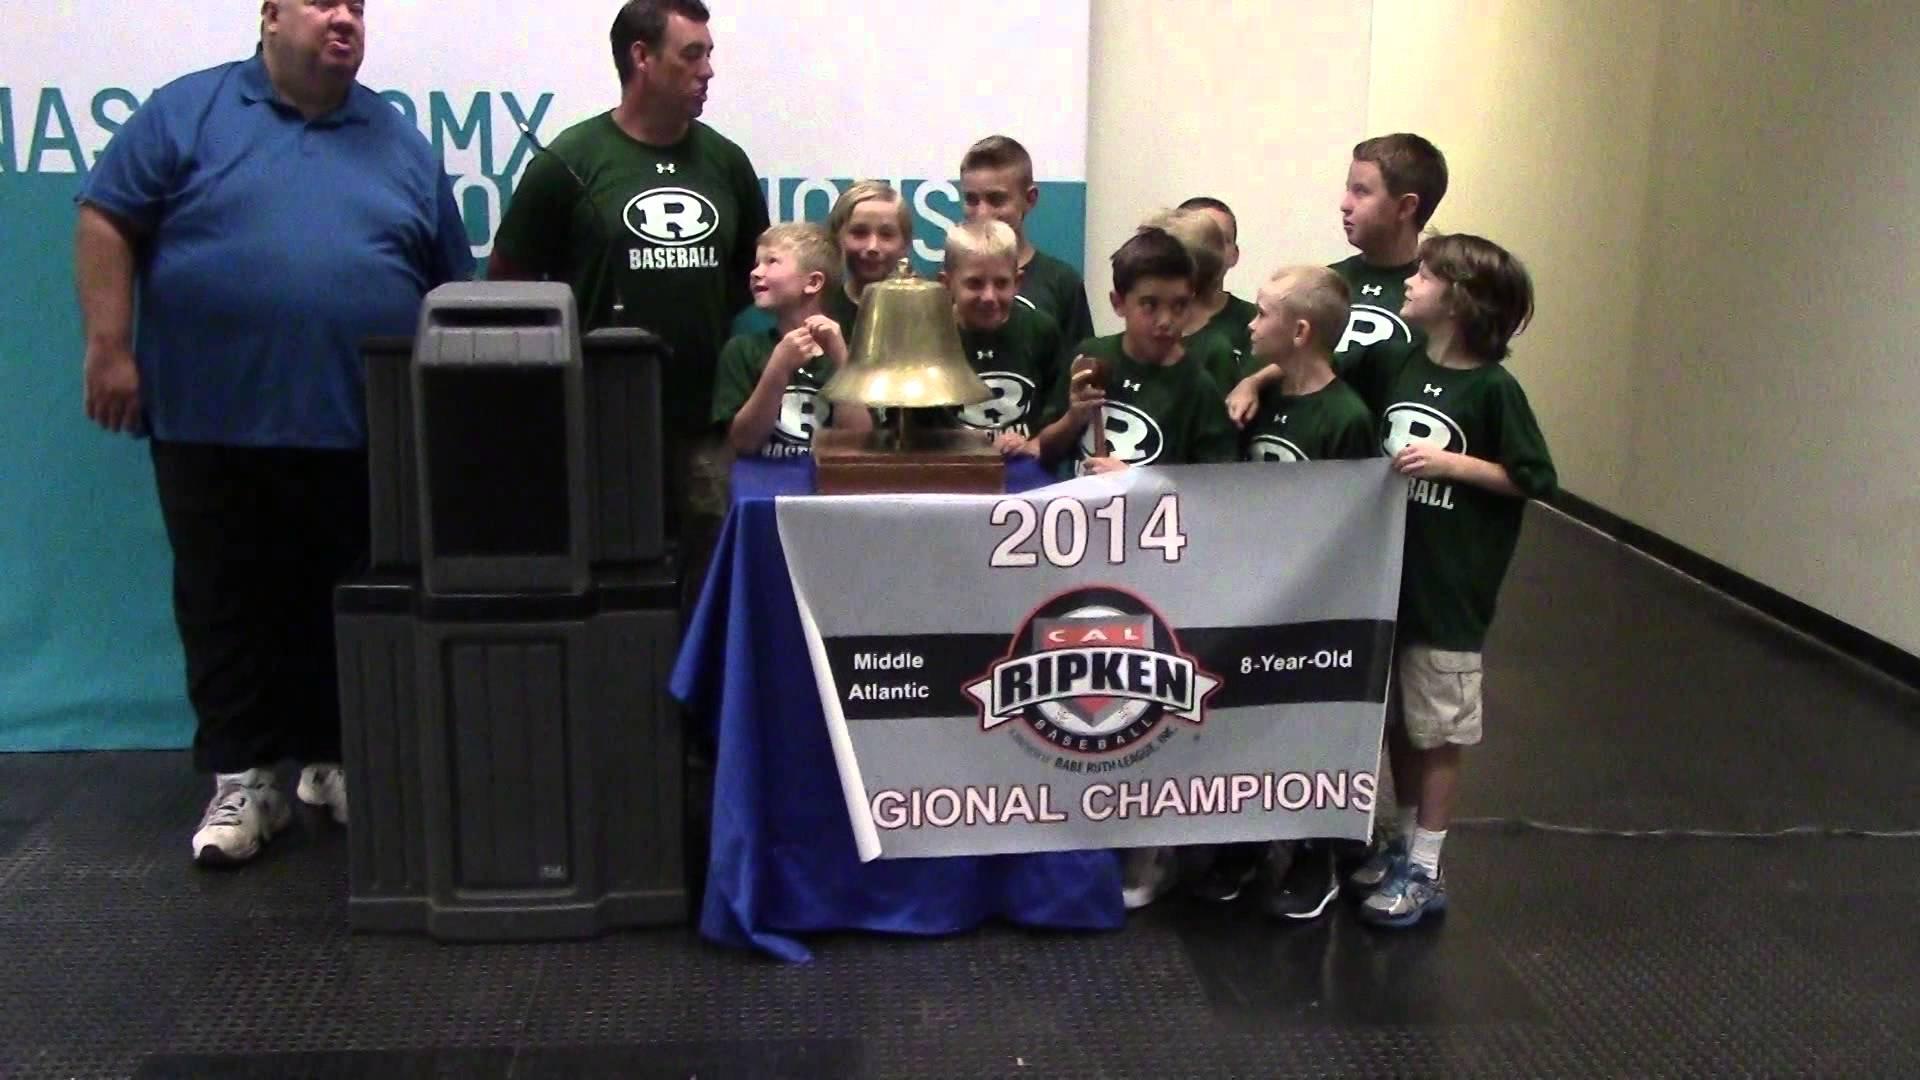 2014 Ridley 8u Cal Ripken Regional Champs – Philadelphia Stock Exchange Opening Bell